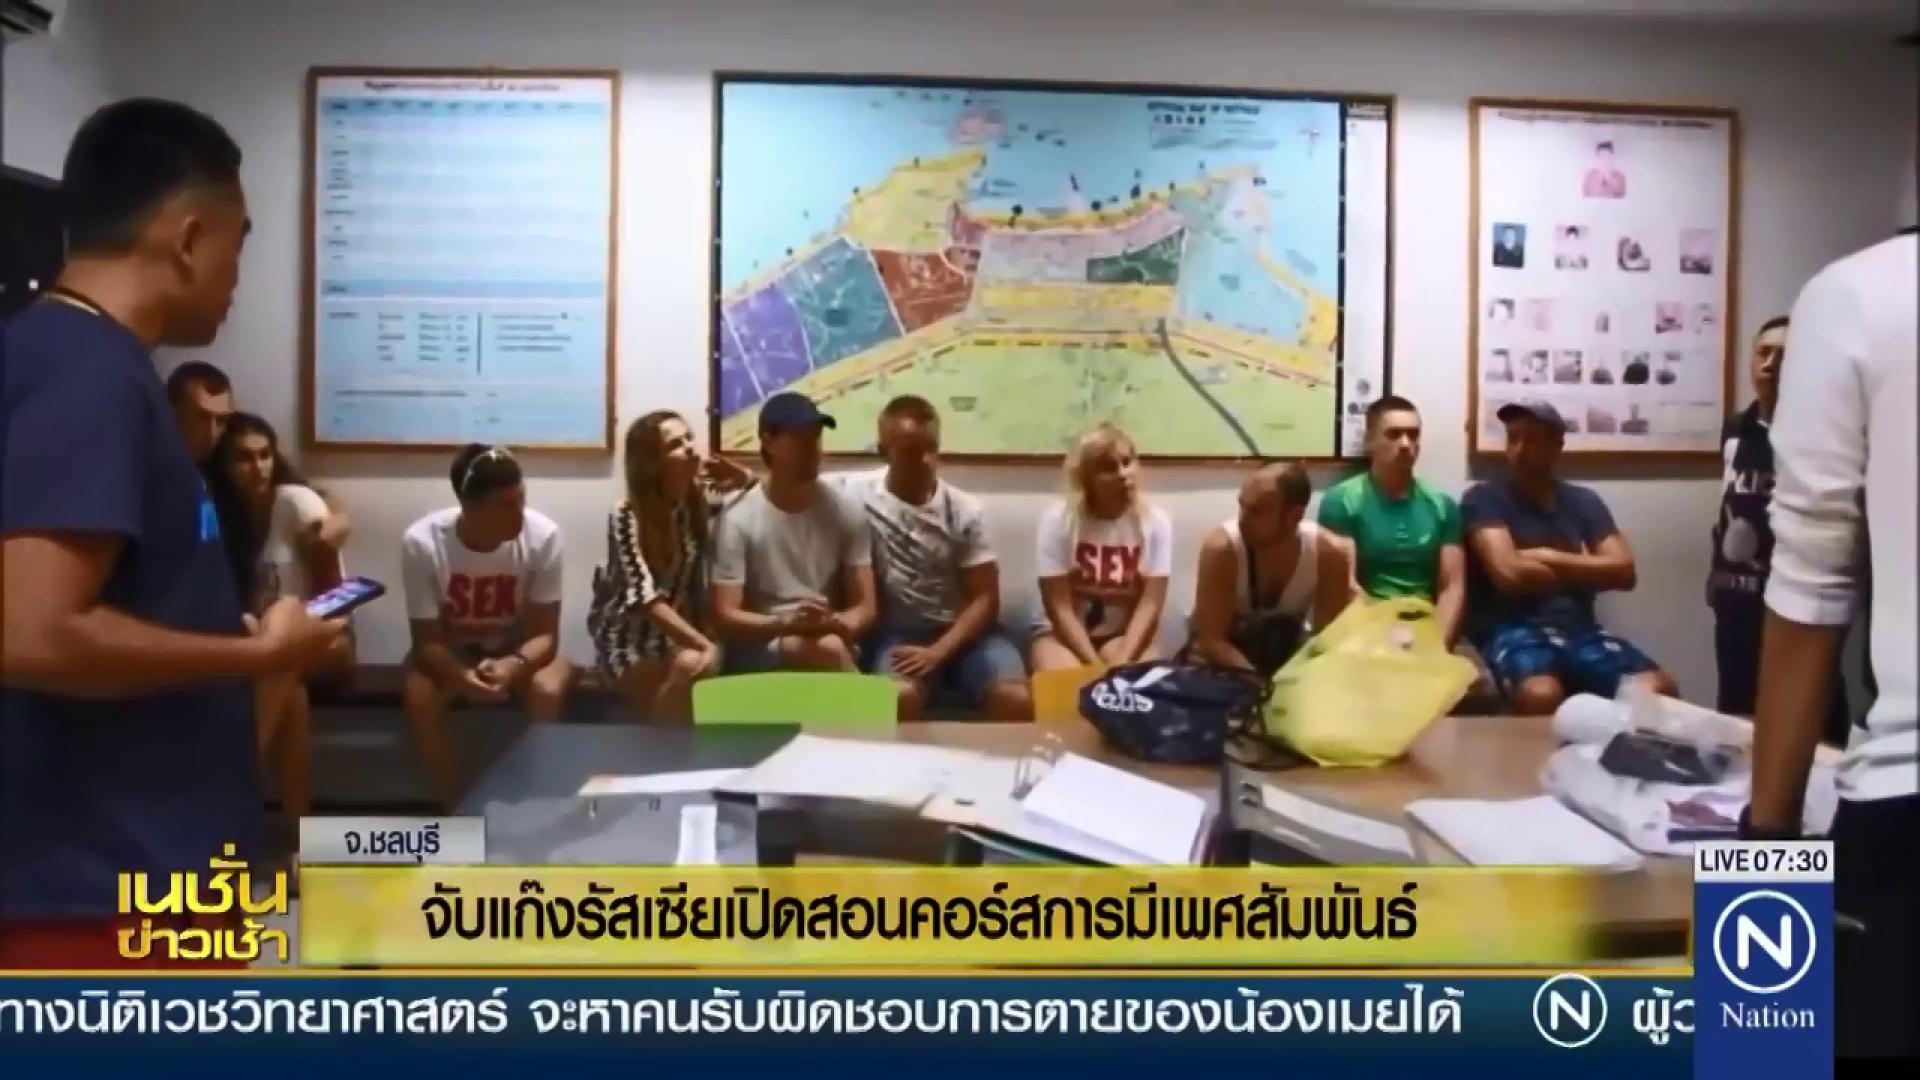 Секс в колледже общаге в казахстане видео